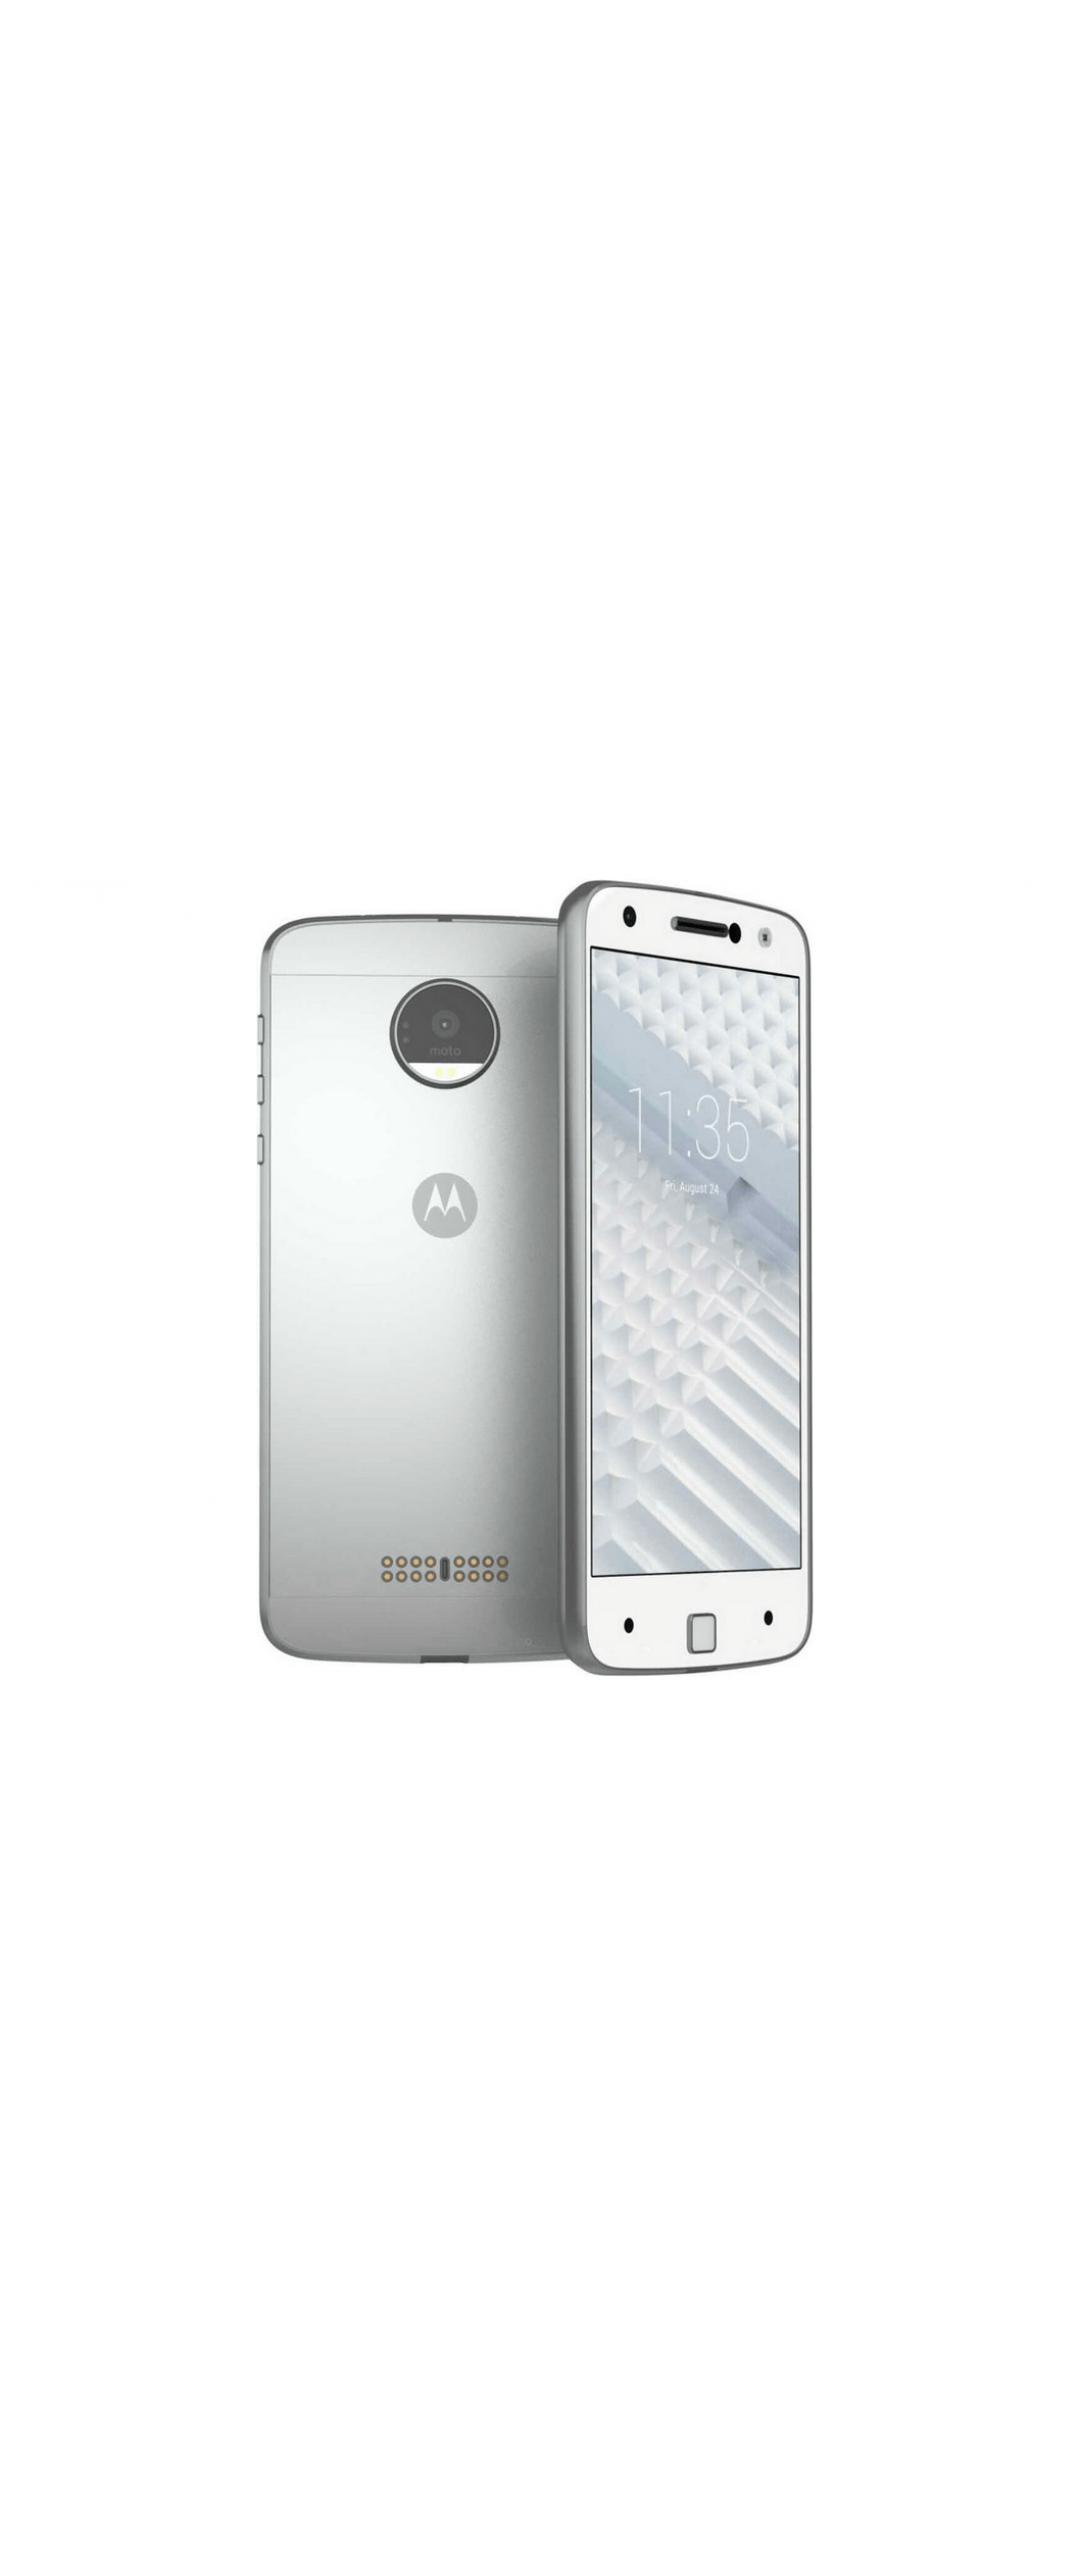 Moto Z Play aparece en GFXBench a d�as de su lanzamiento